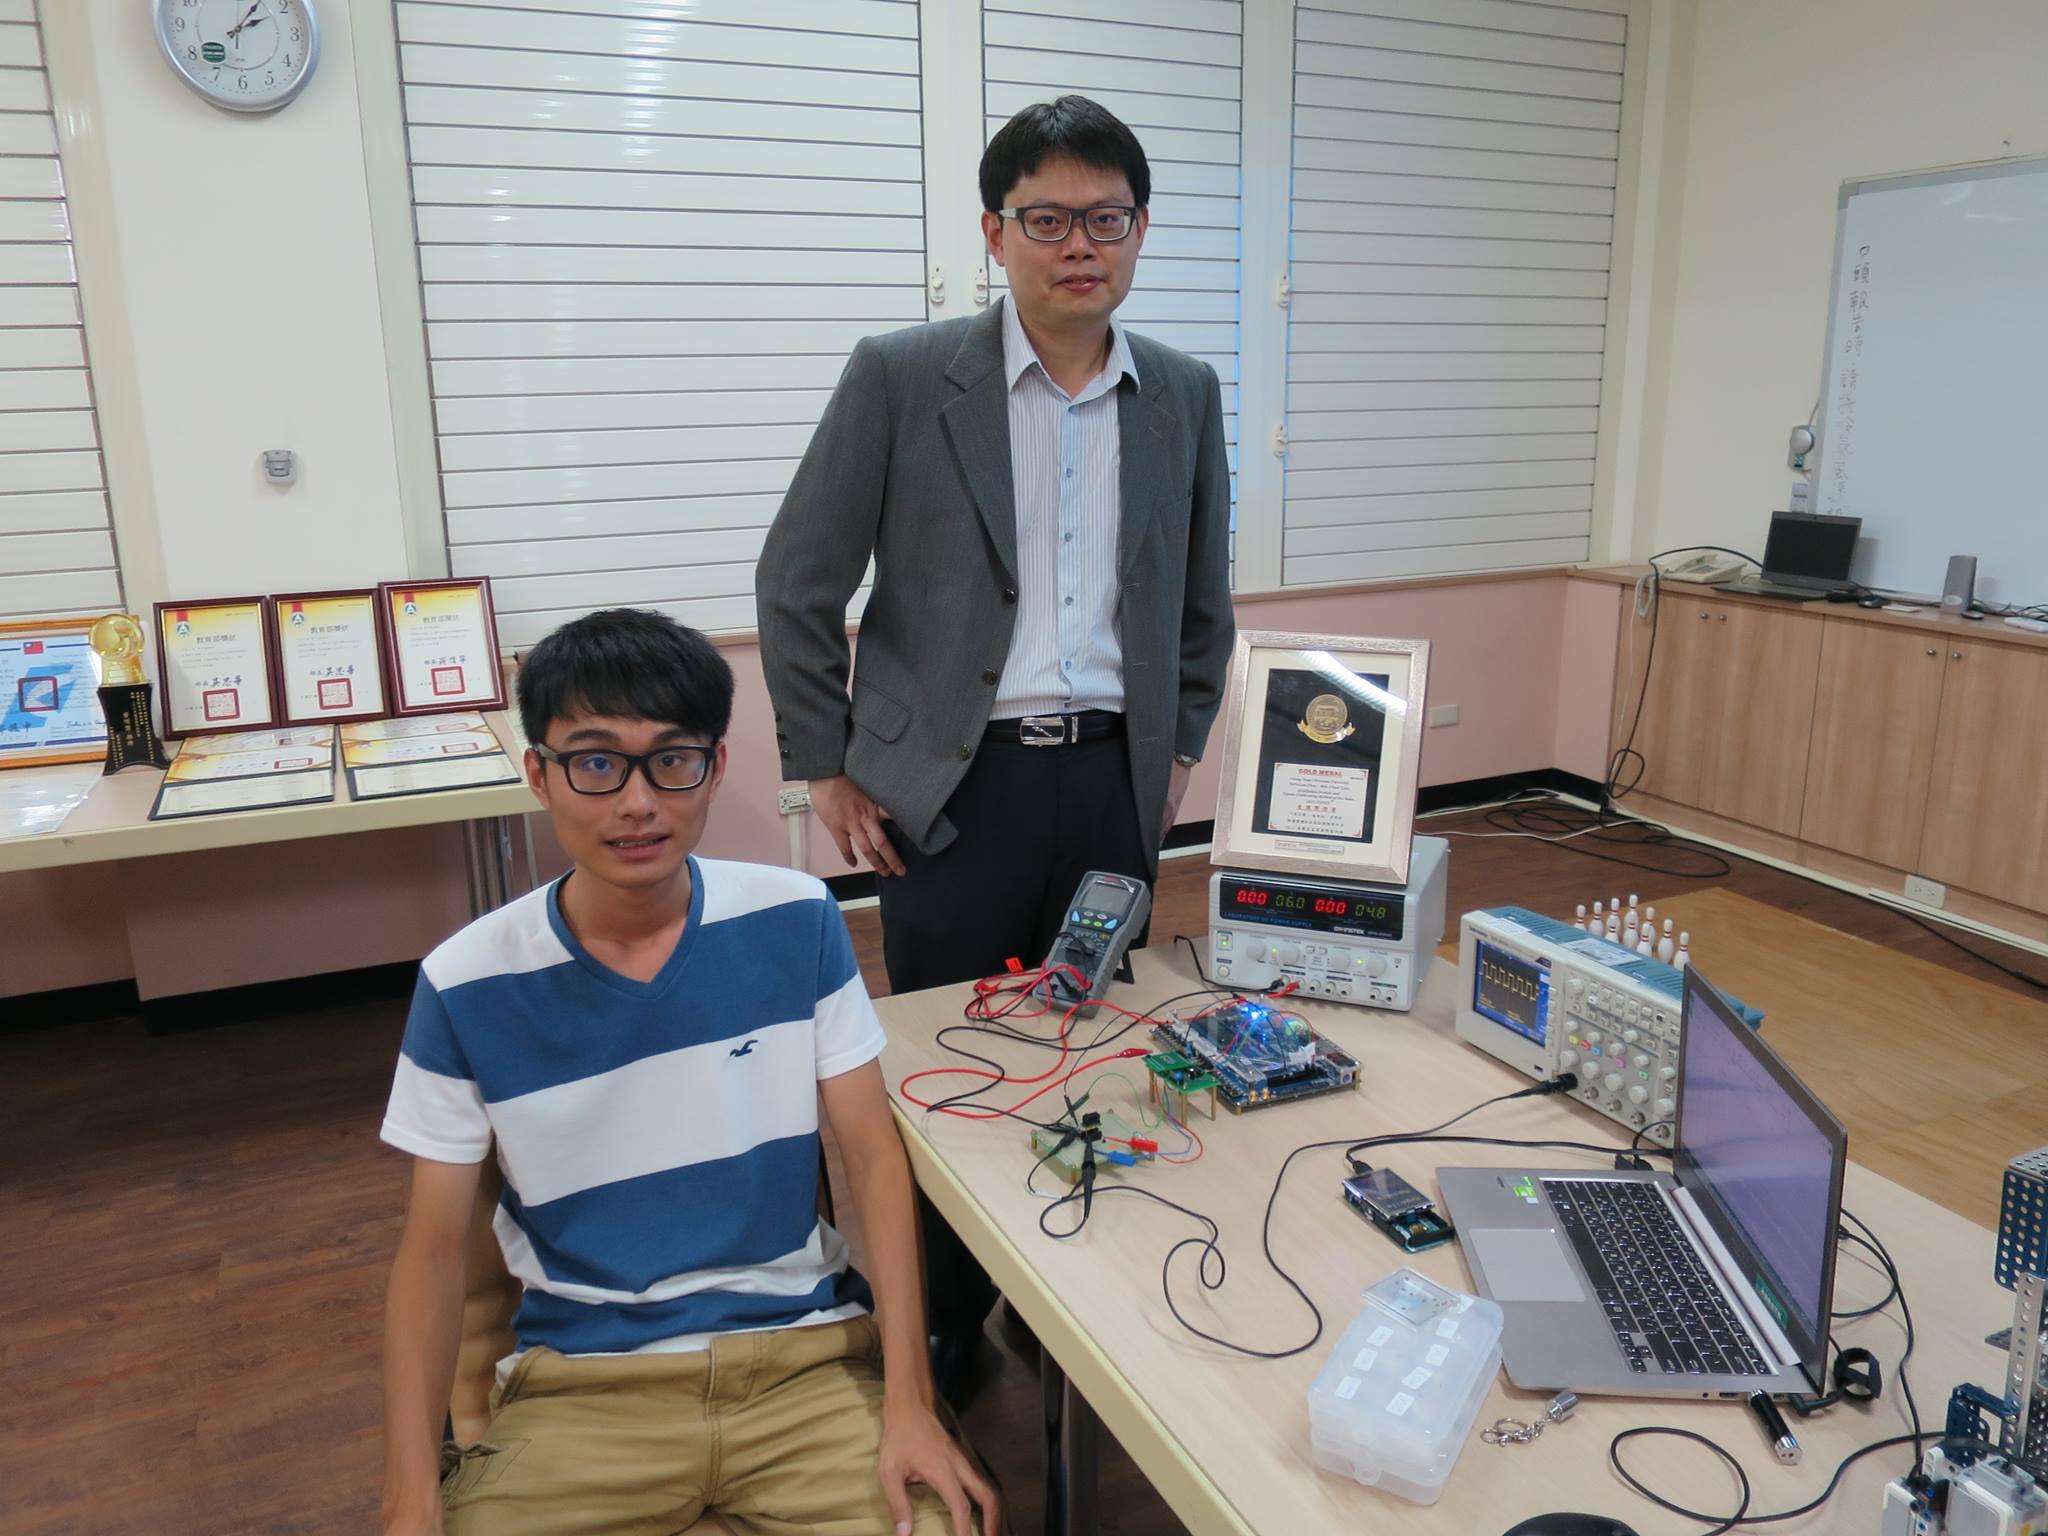 陳世綸教授(右)與段閔鈞博士生以發明型專利「振盪器模組及其訊號校準方法」榮獲經濟部107年「國家發明創作獎」發明獎金牌.jpg